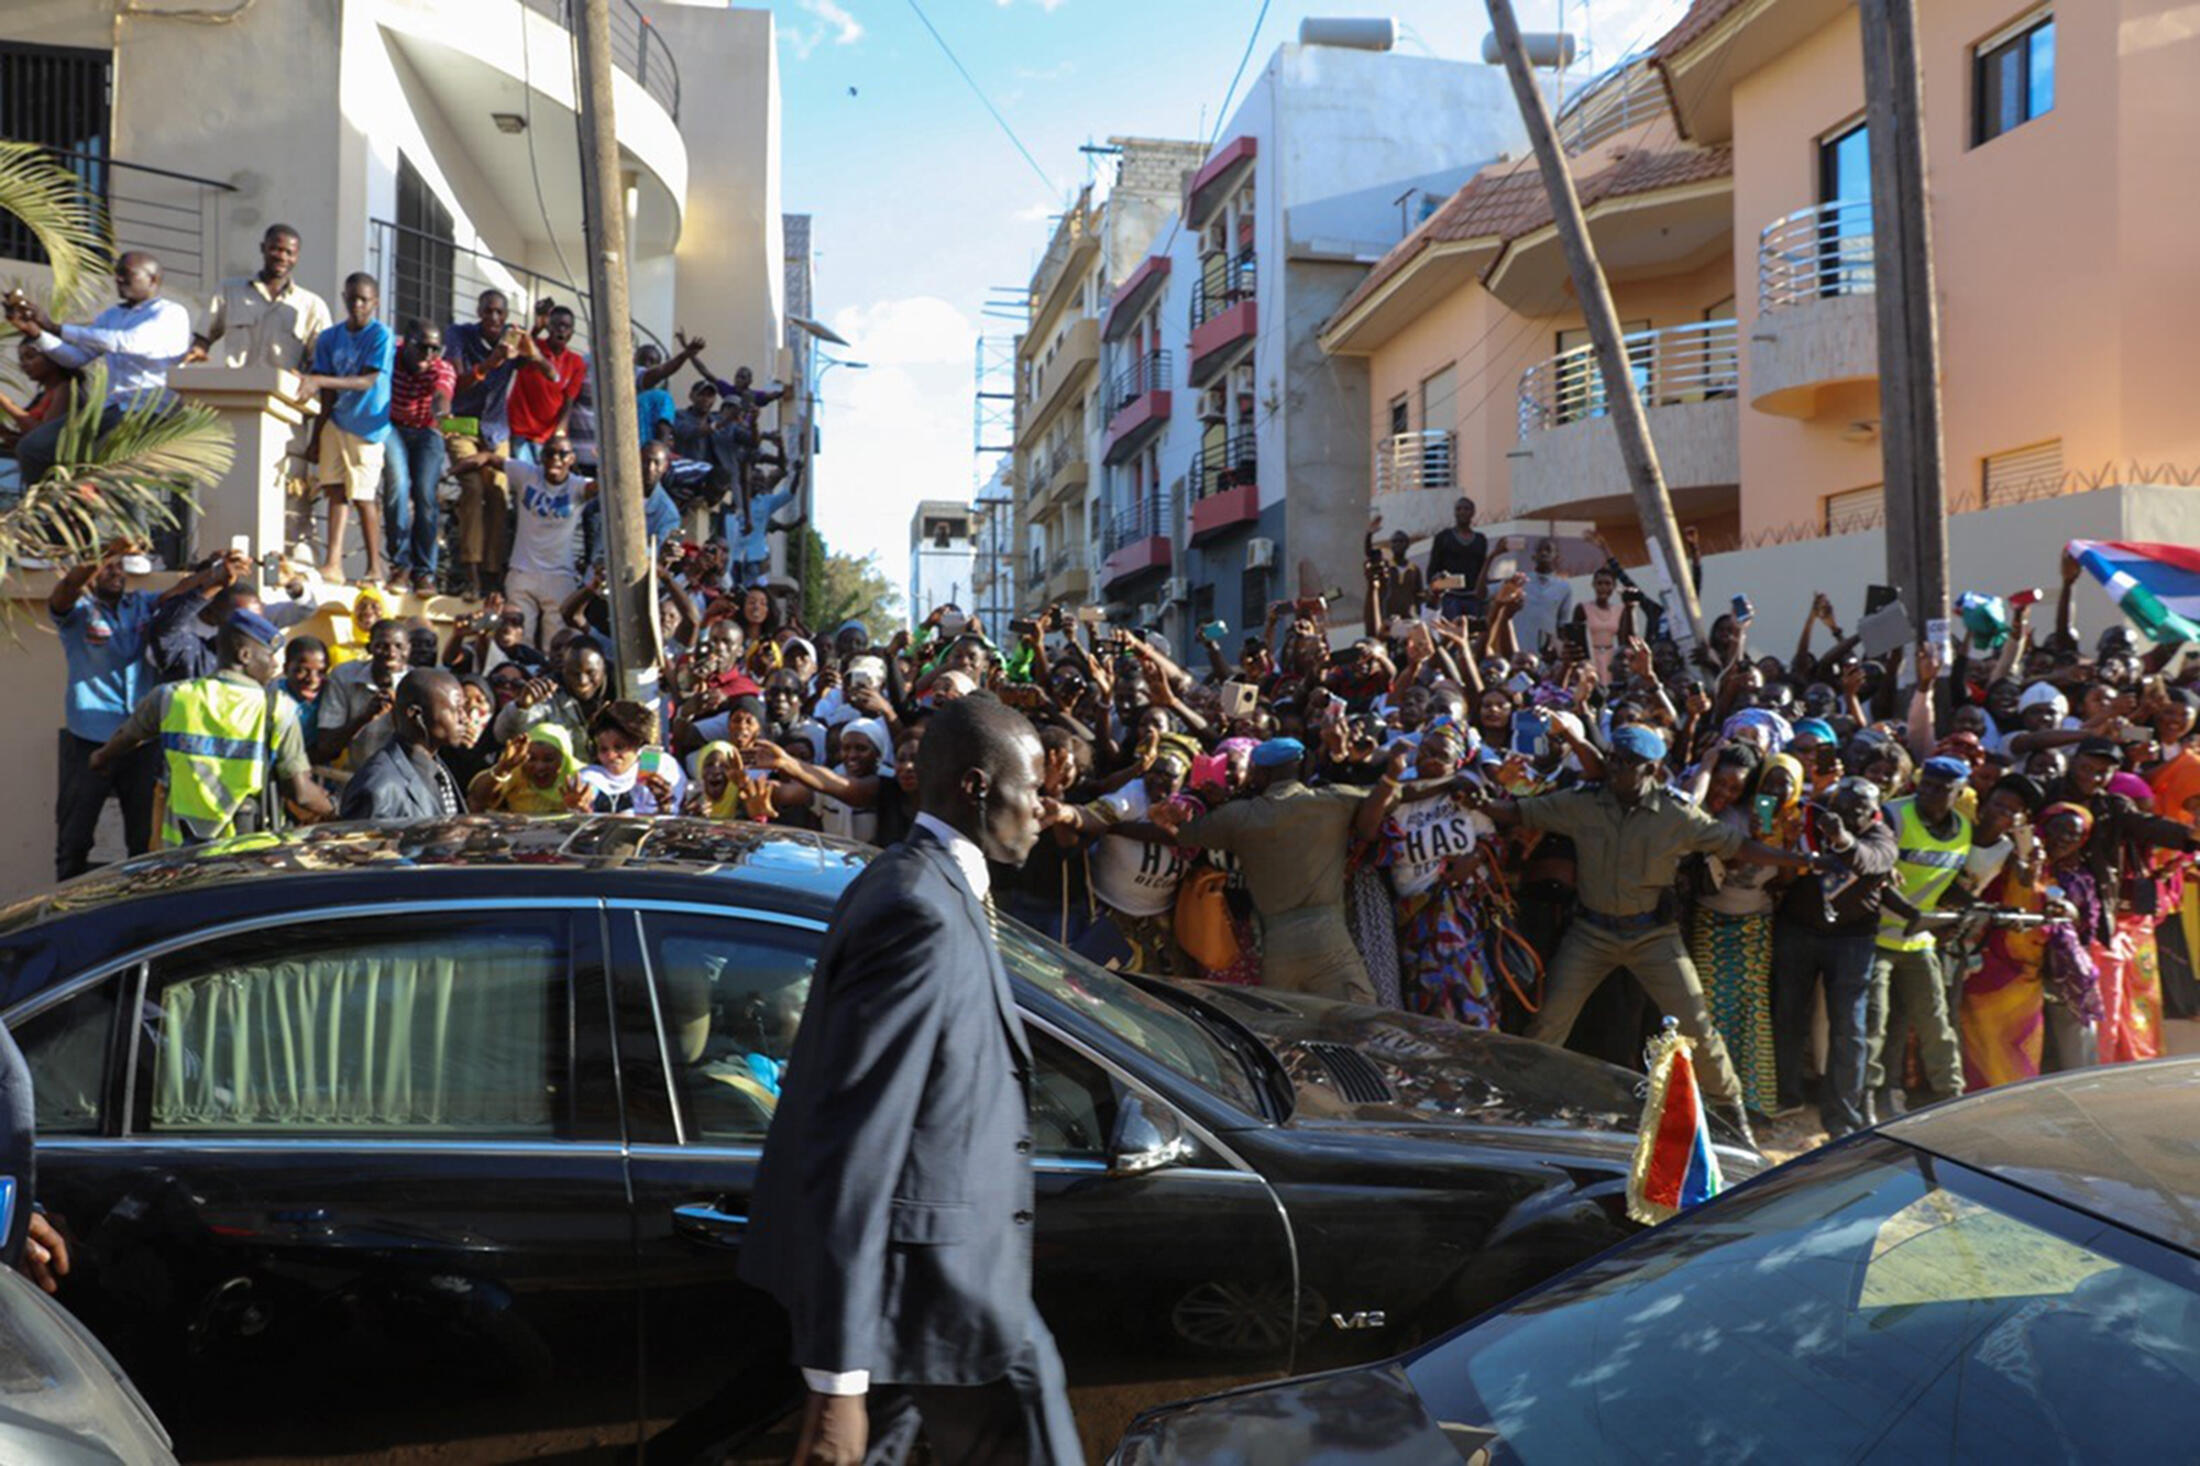 Wananchi sa Gambia wamekua na furaha baada ya kuapishwa kwa Adama Barrow katika ofisi ya ubalozi wa Gambia Januari 19, 2017.